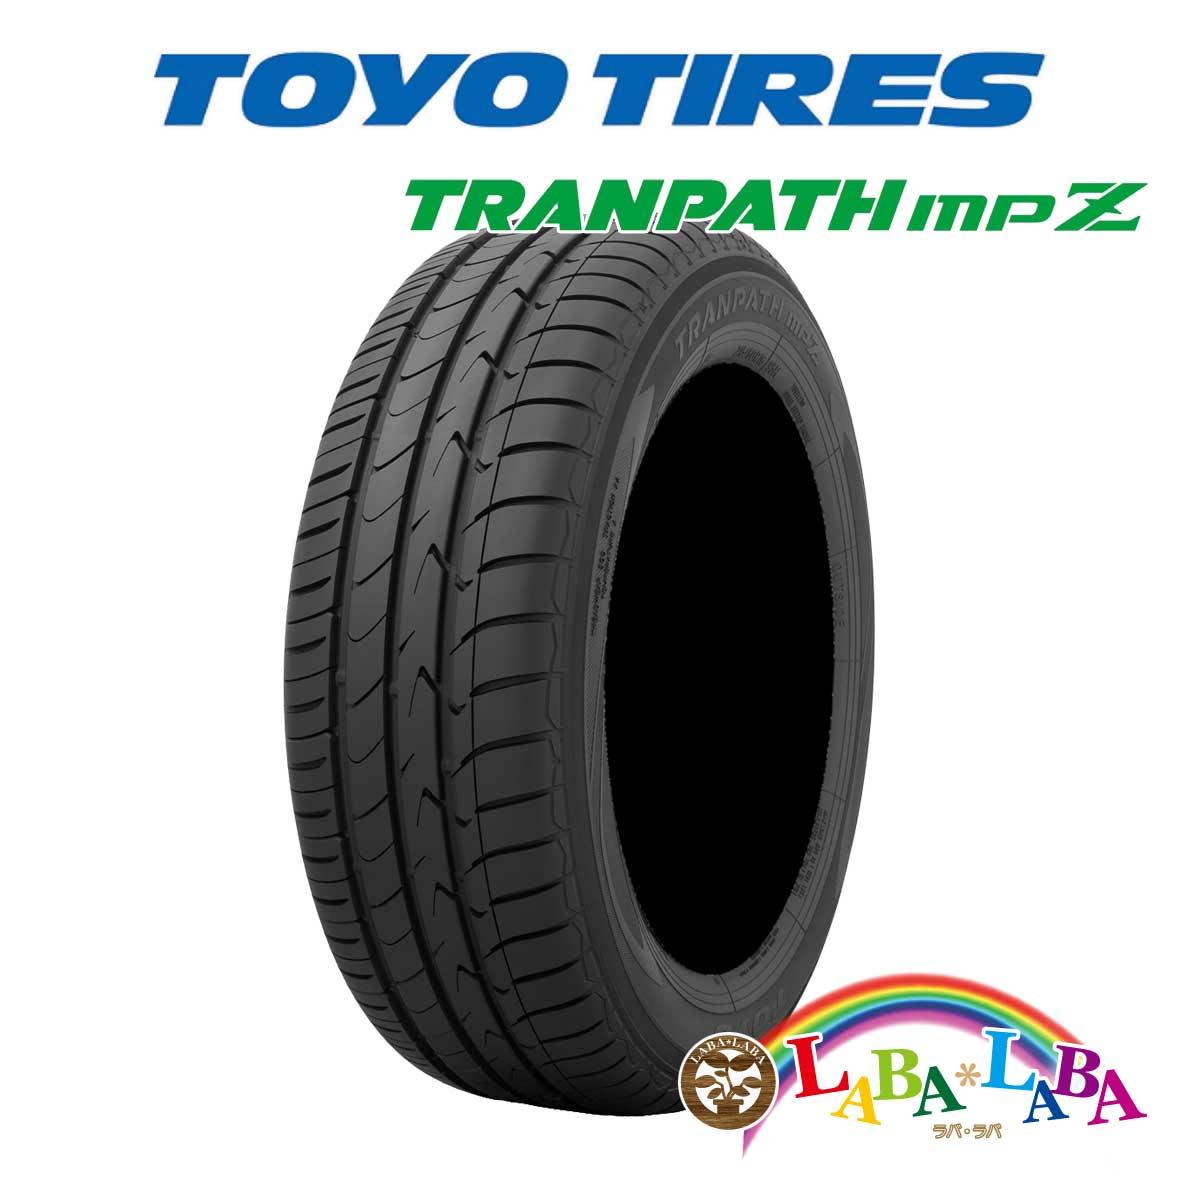 TOYO トーヨー TRANPATH トランパス MPZ 195/65R15 91H サマータイヤ ミニバン 4本セット